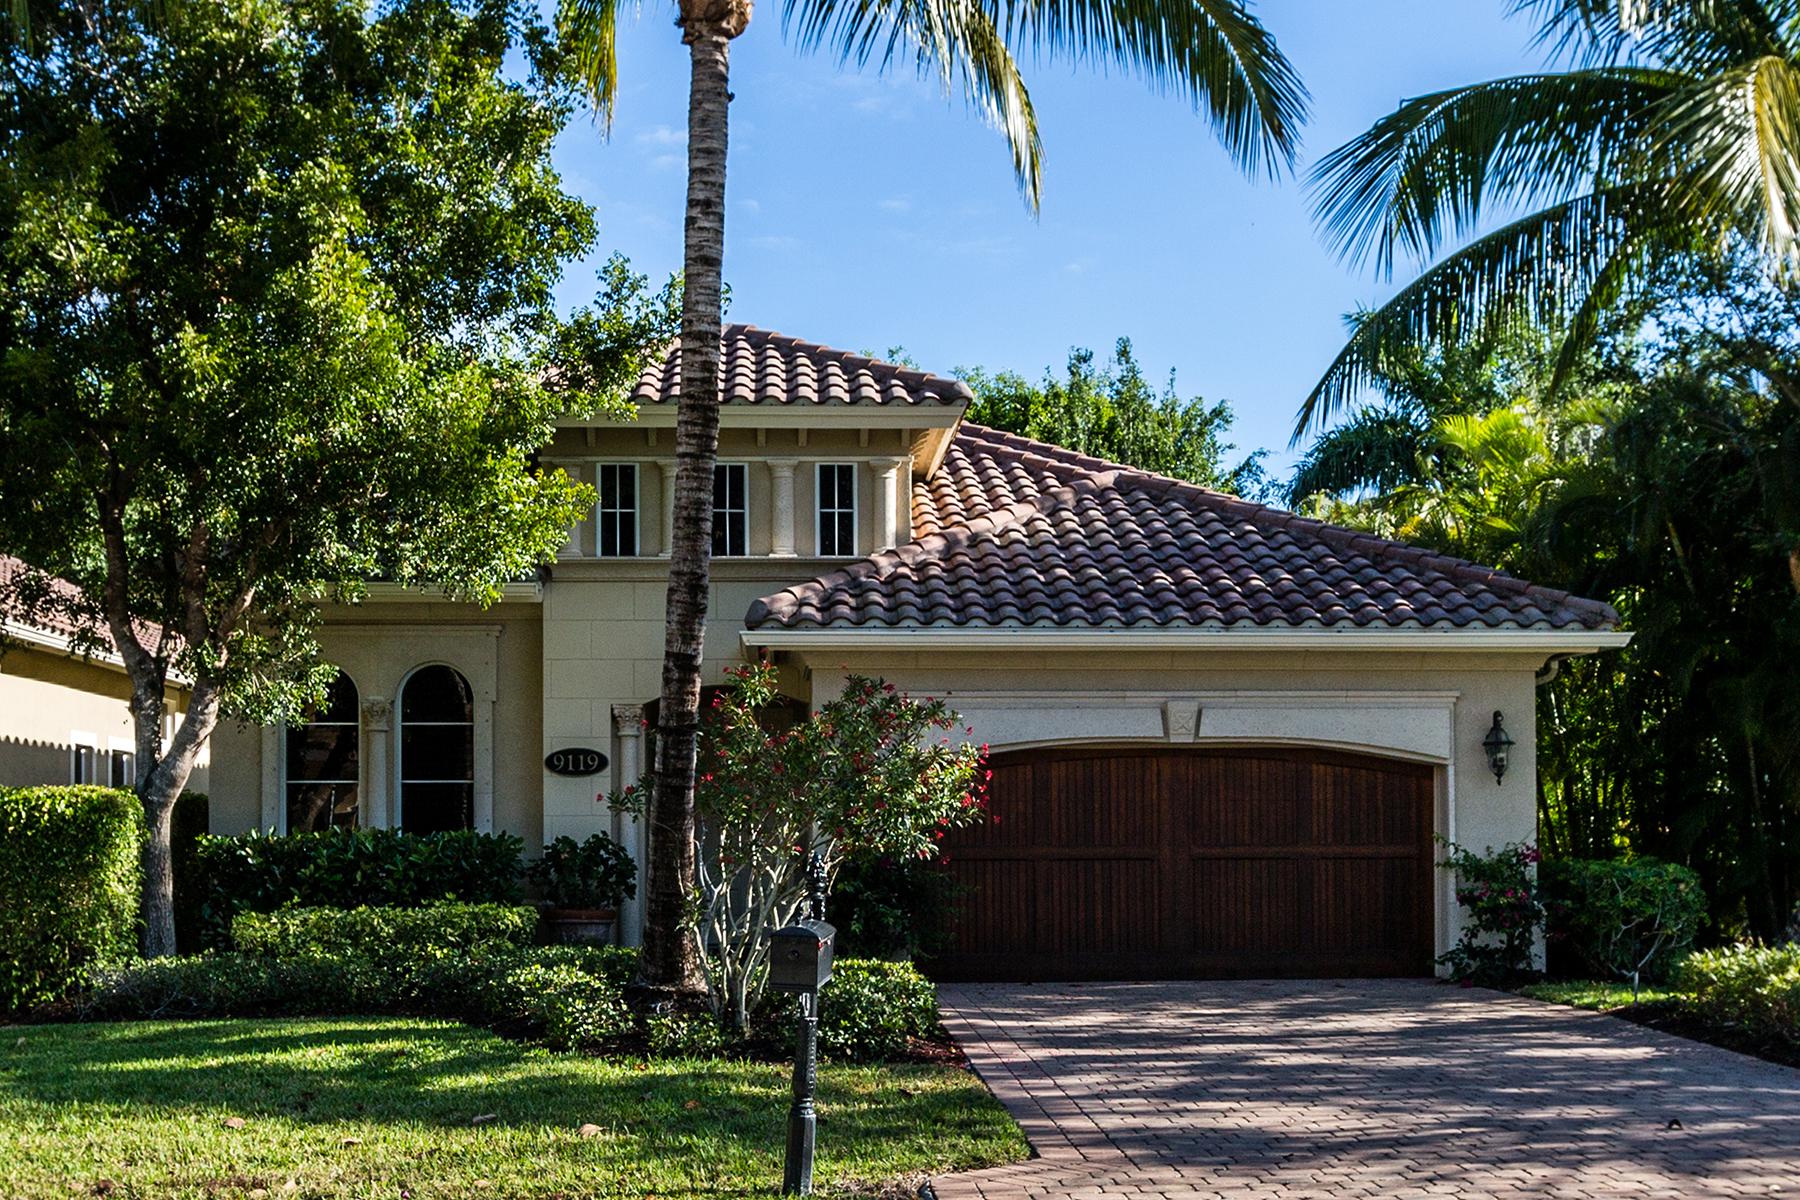 Частный односемейный дом для того Продажа на FIDDLERS CREEK 9119 Cherry Oaks Ln Naples, Флорида, 34114 Соединенные Штаты